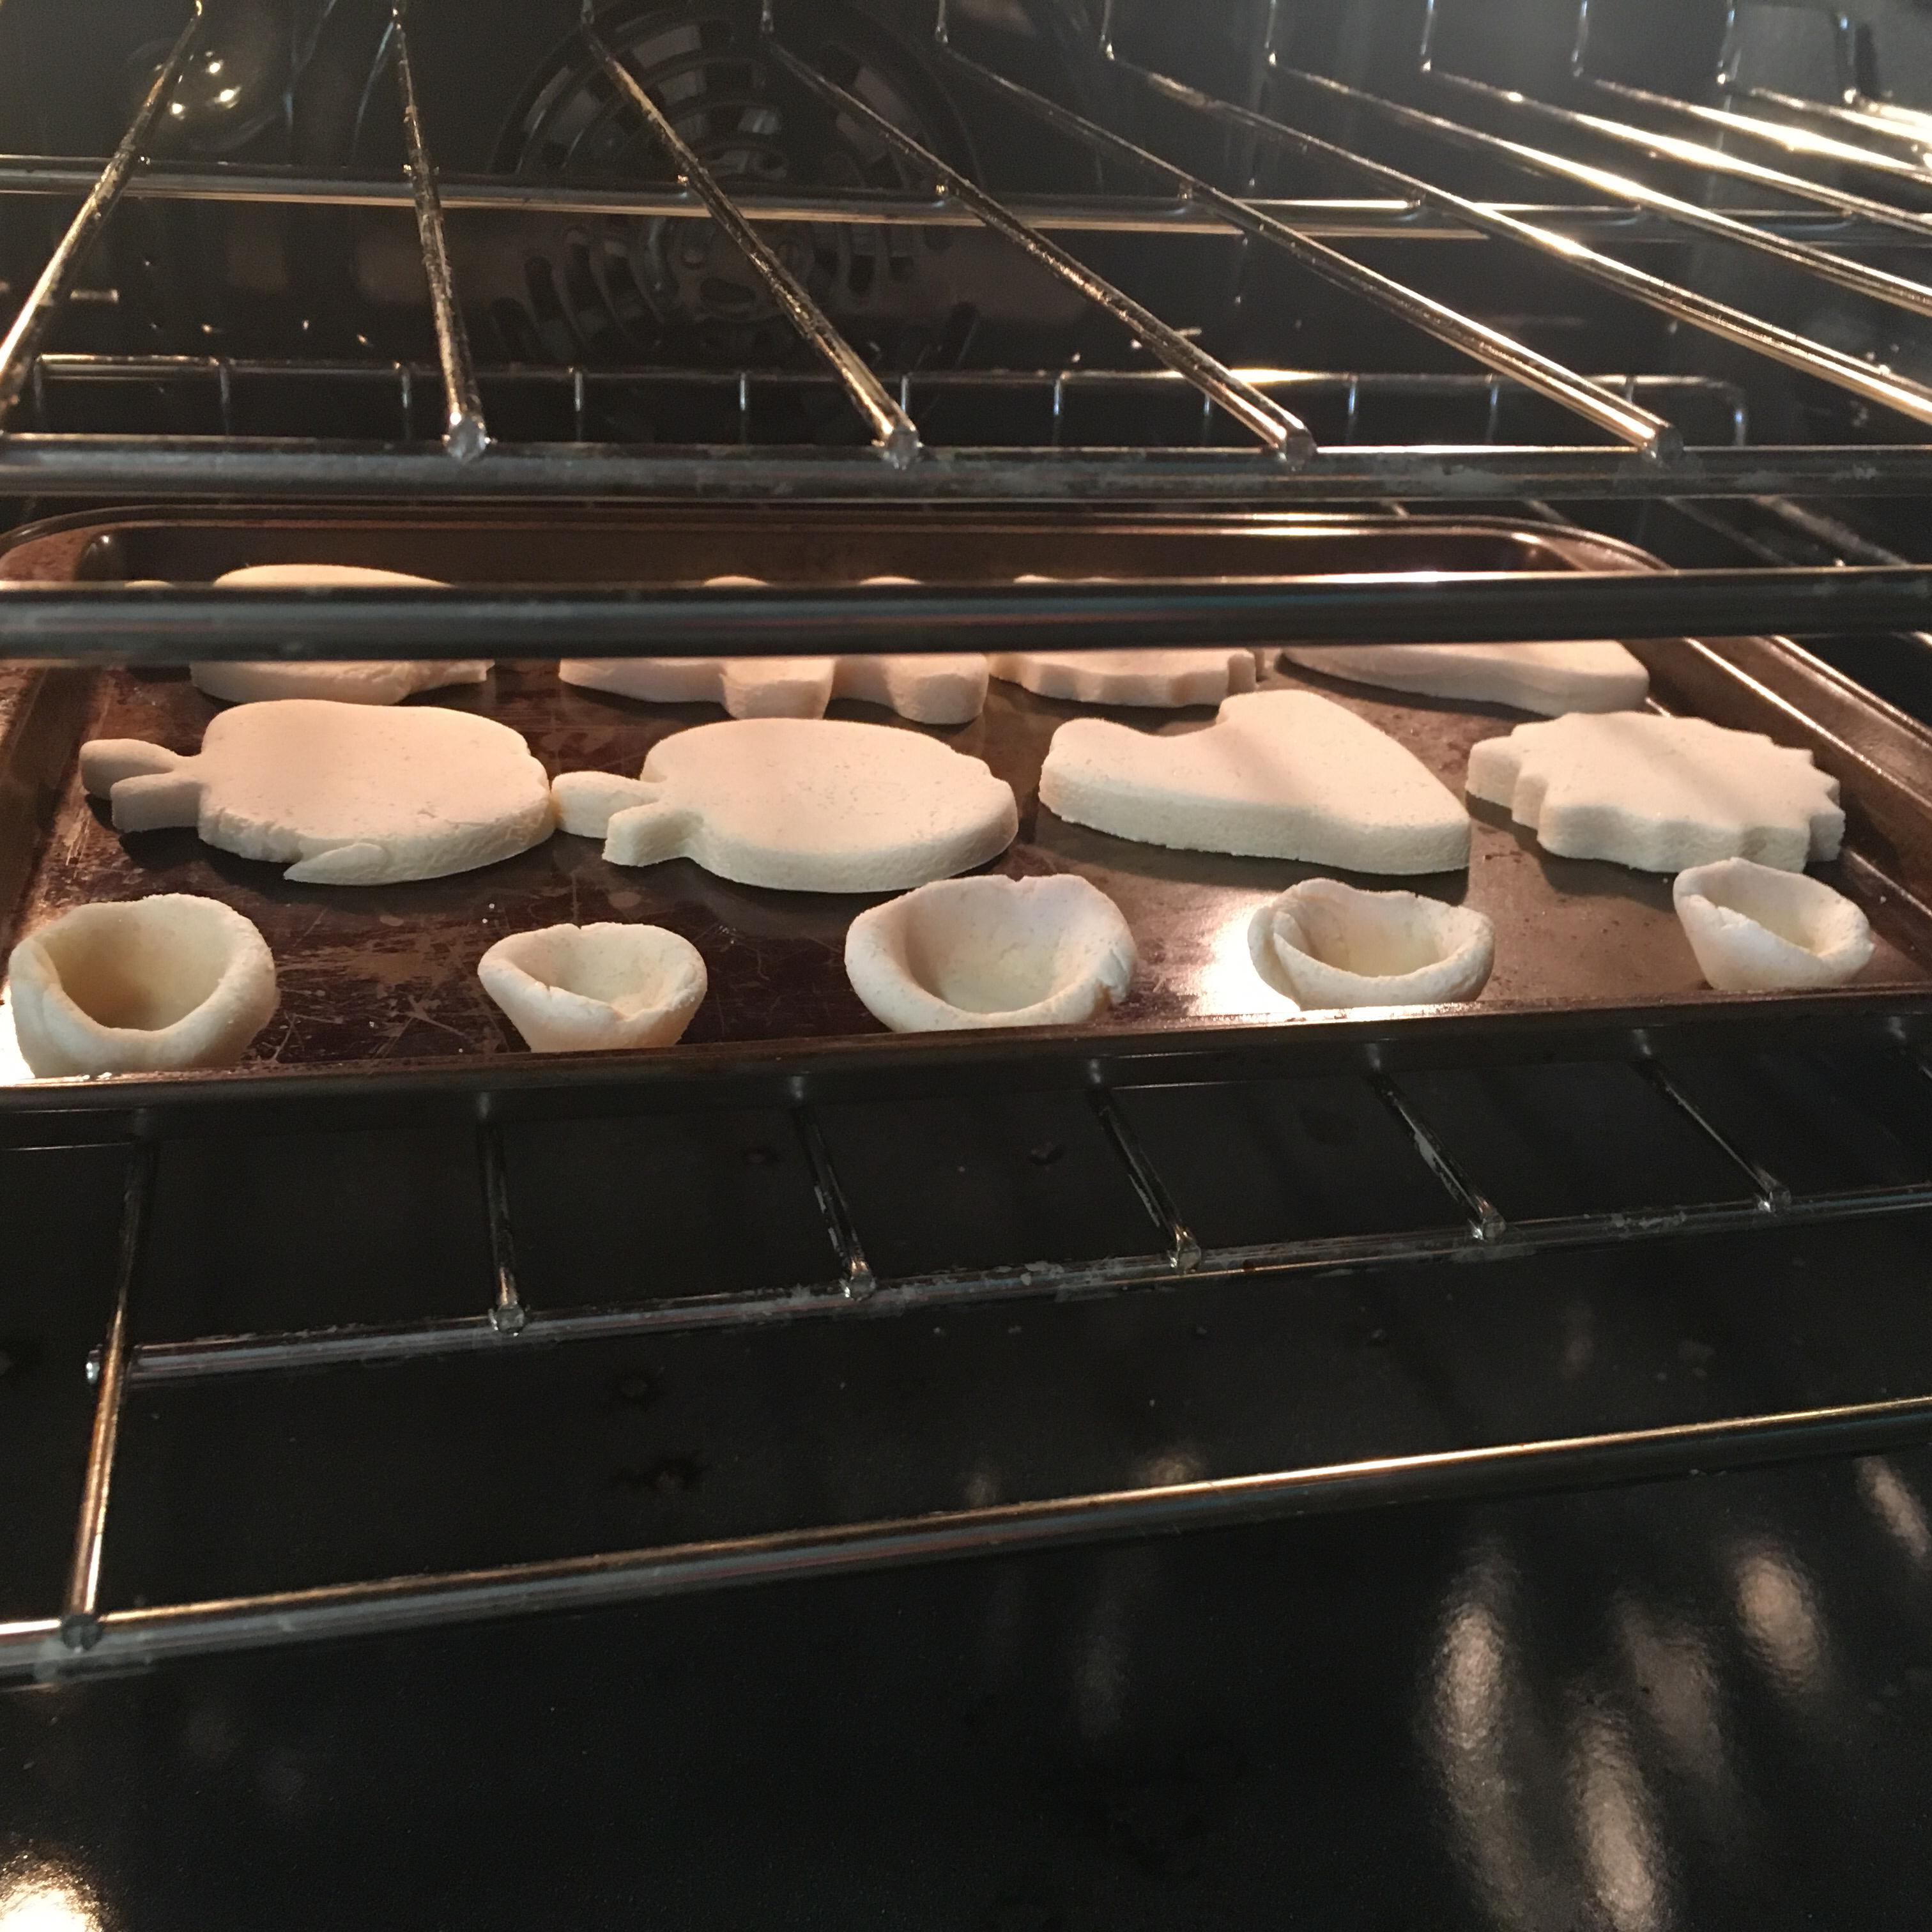 Baker's Clay